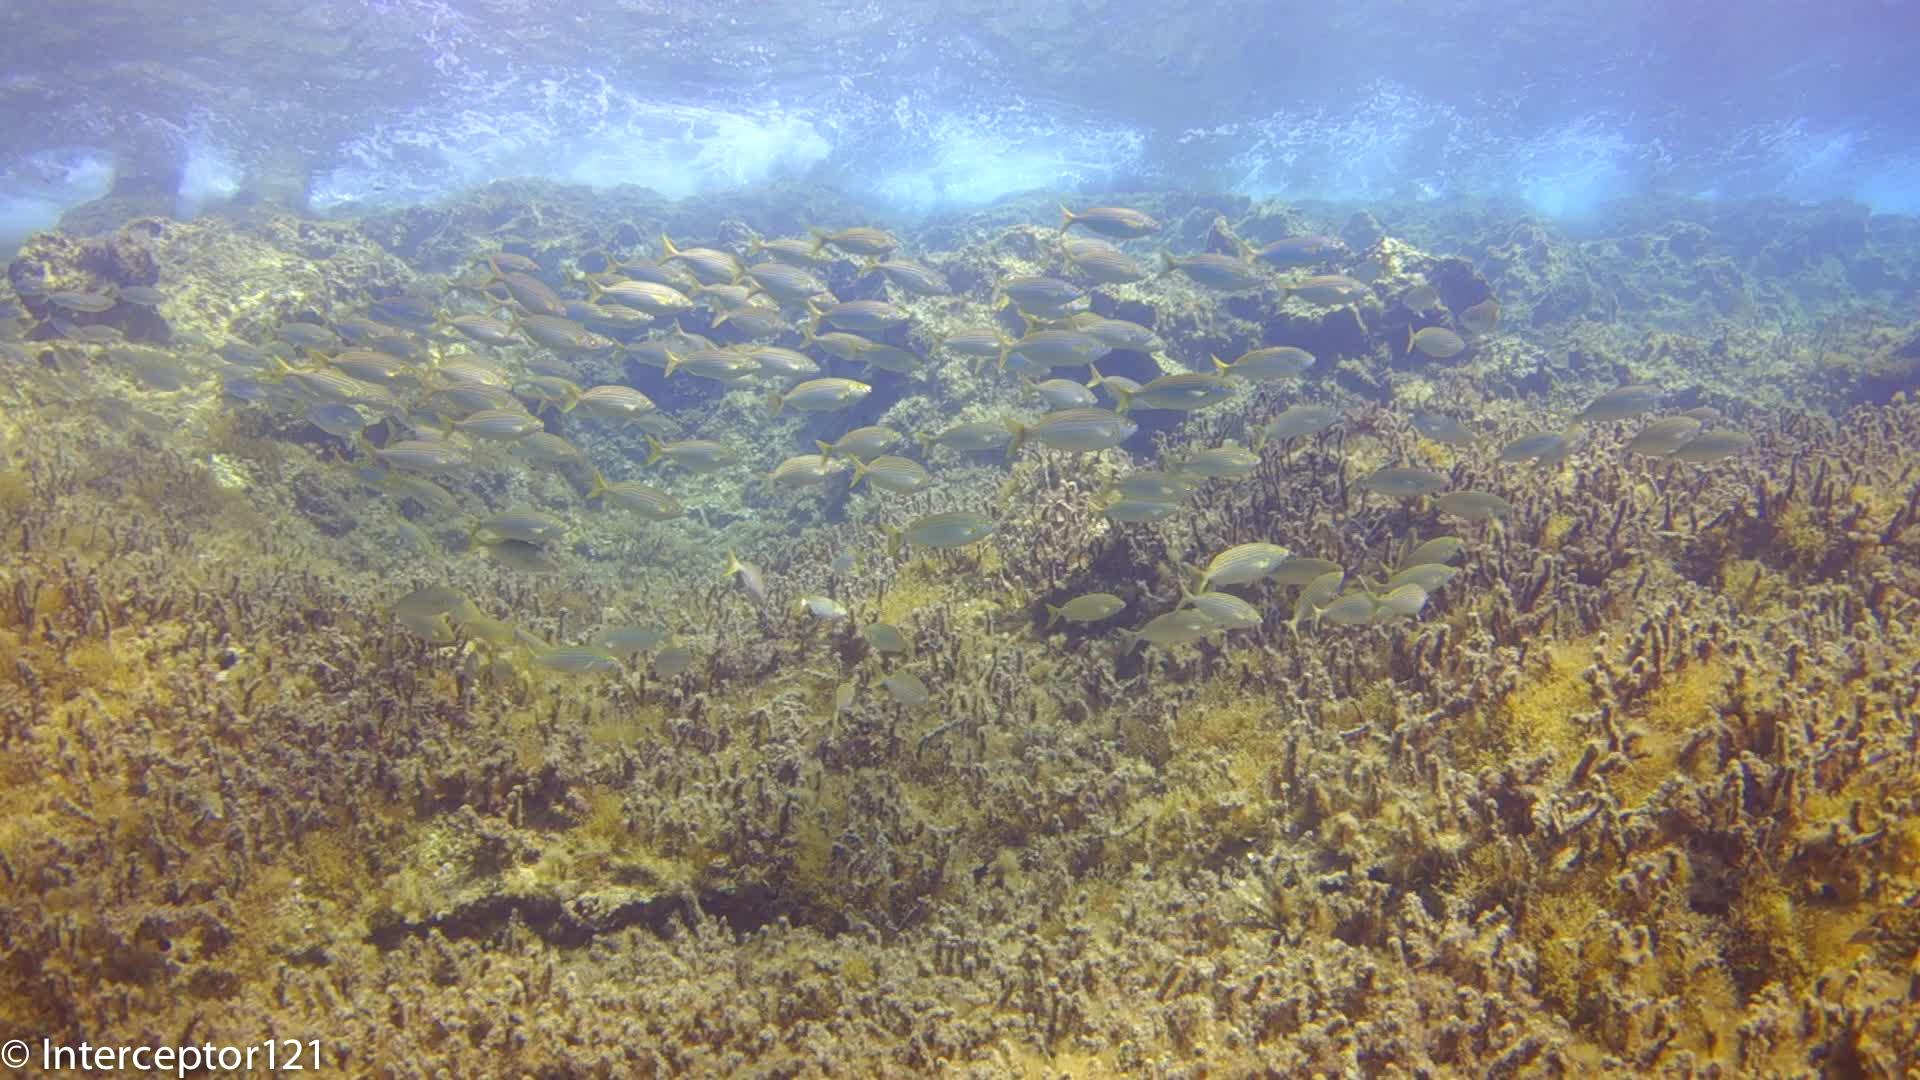 Schooling Fish 100 fov